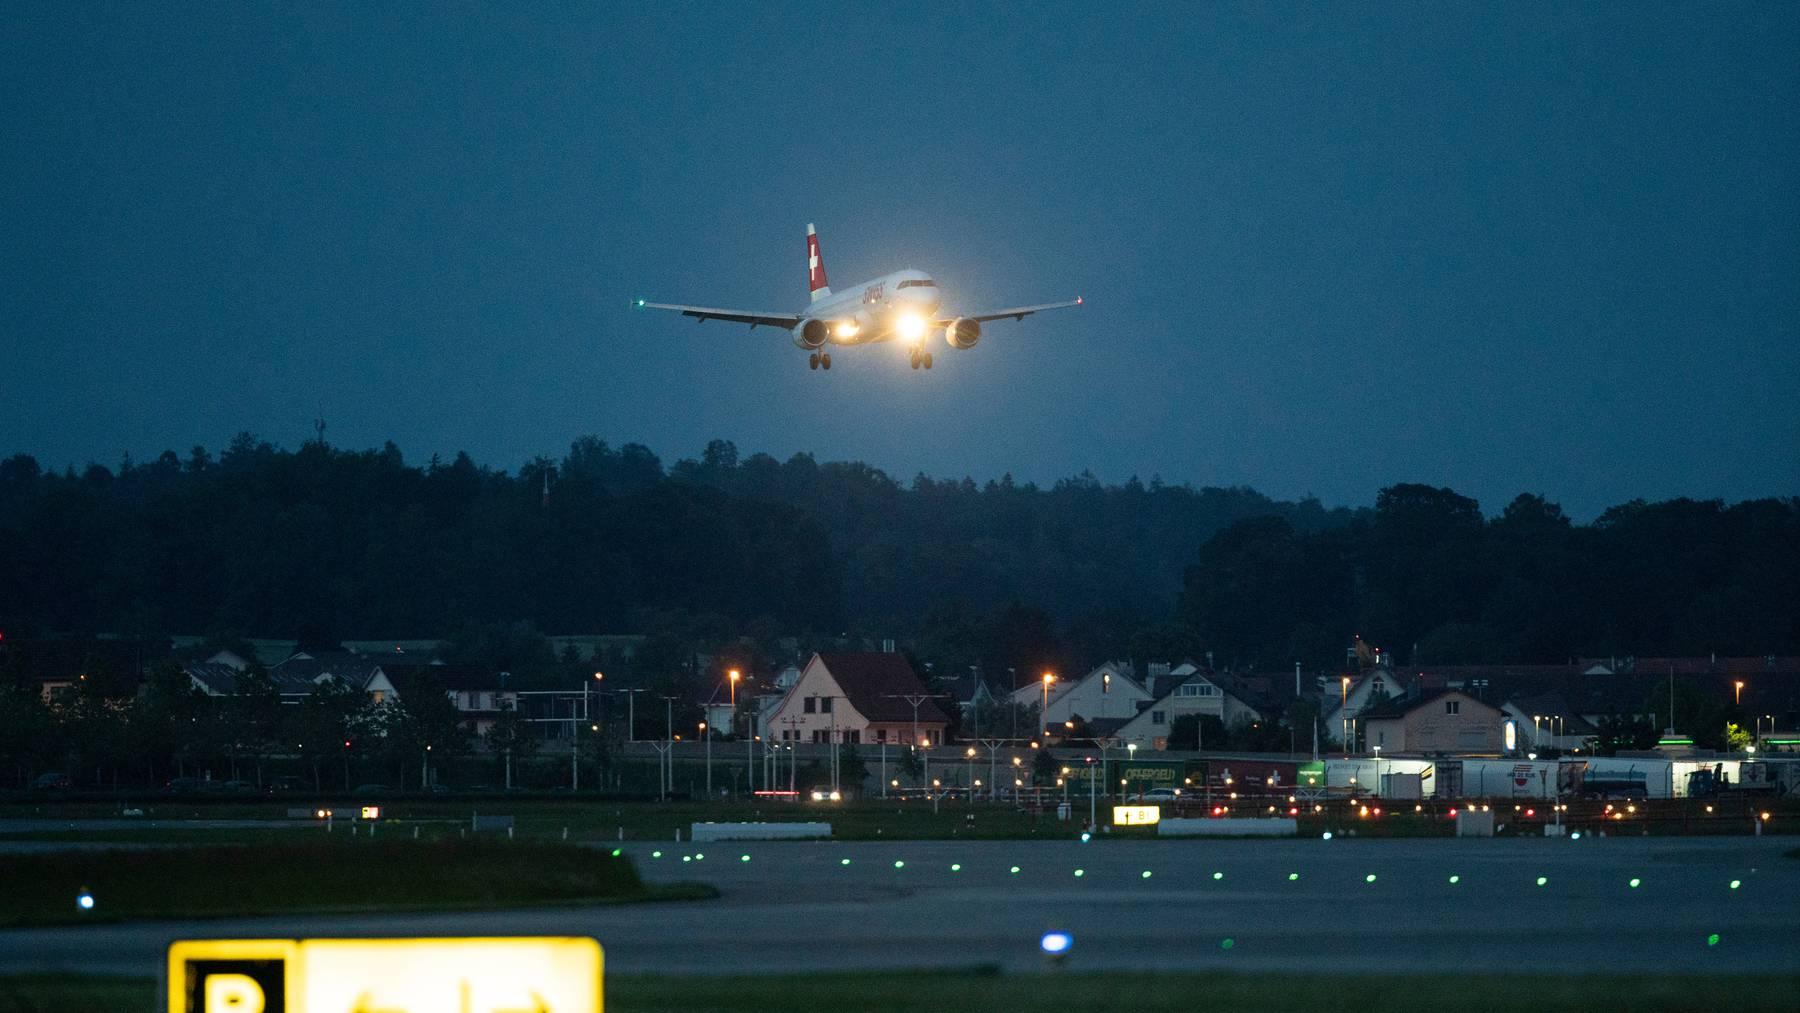 Bei Abflügen von sieben weiteren Flughäfen müssen die Airlines ihre Passagierdaten an die Schweizer Behörden übermitteln. (Symbolbild)